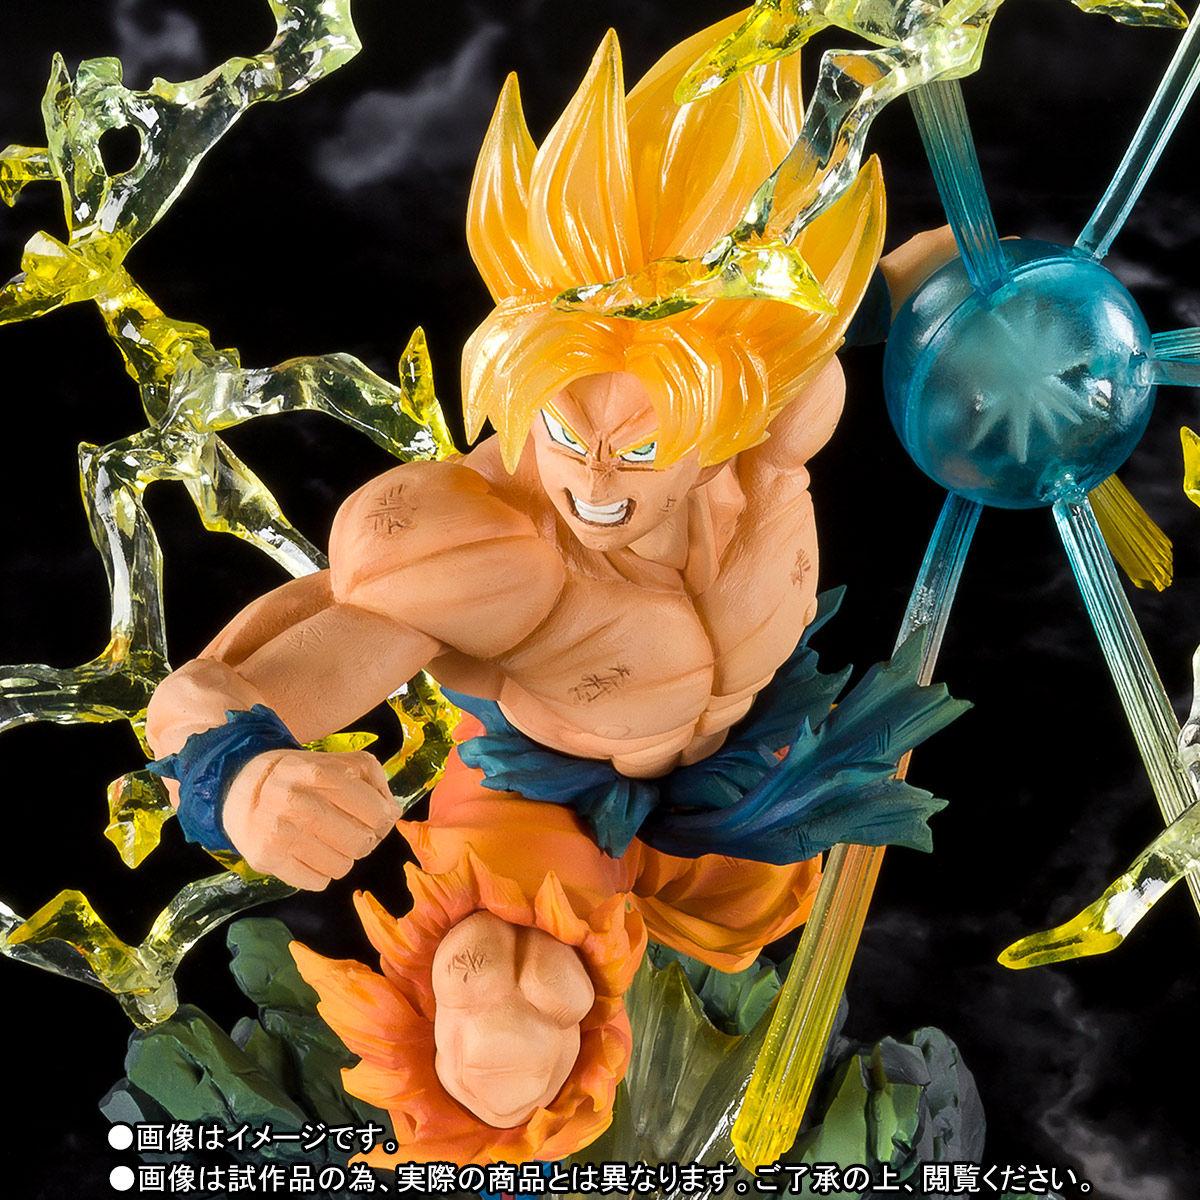 フィギュアーツZERO『スーパーサイヤ人孫悟空 -熱戦-』ドラゴンボールZ 完成品フィギュア-001